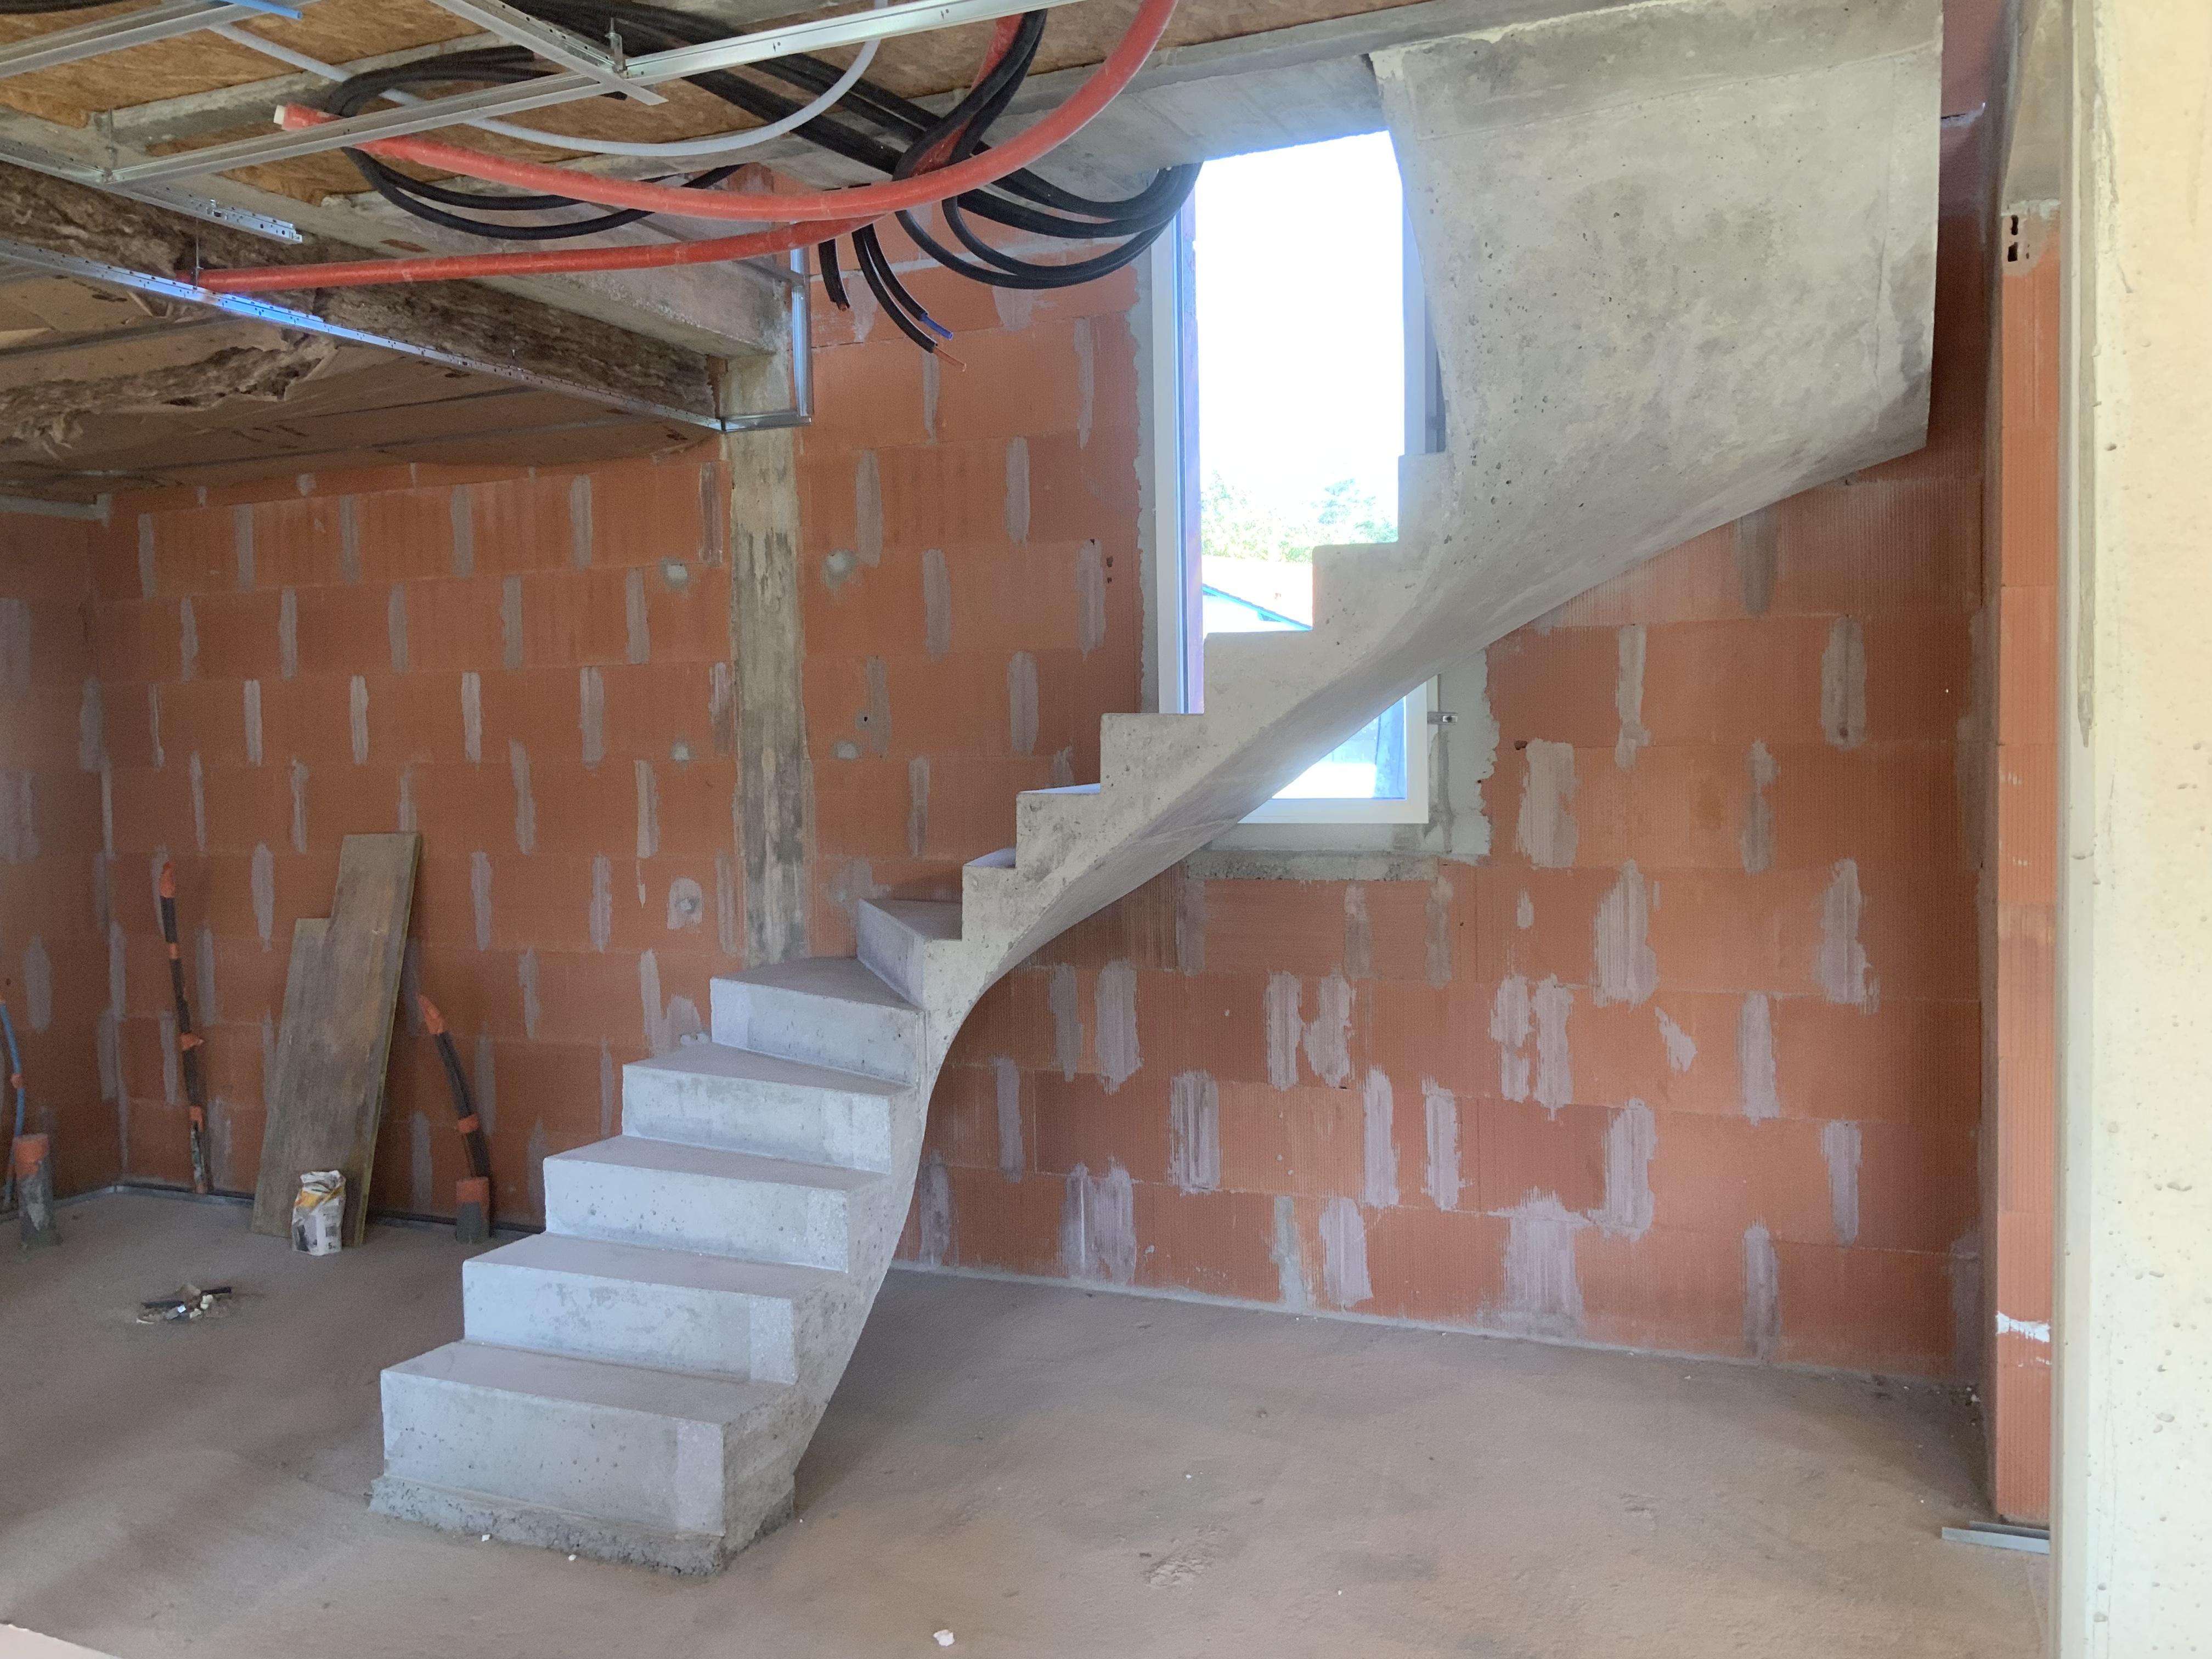 Réalisation d'un escalier en béton dans une maison individuelle